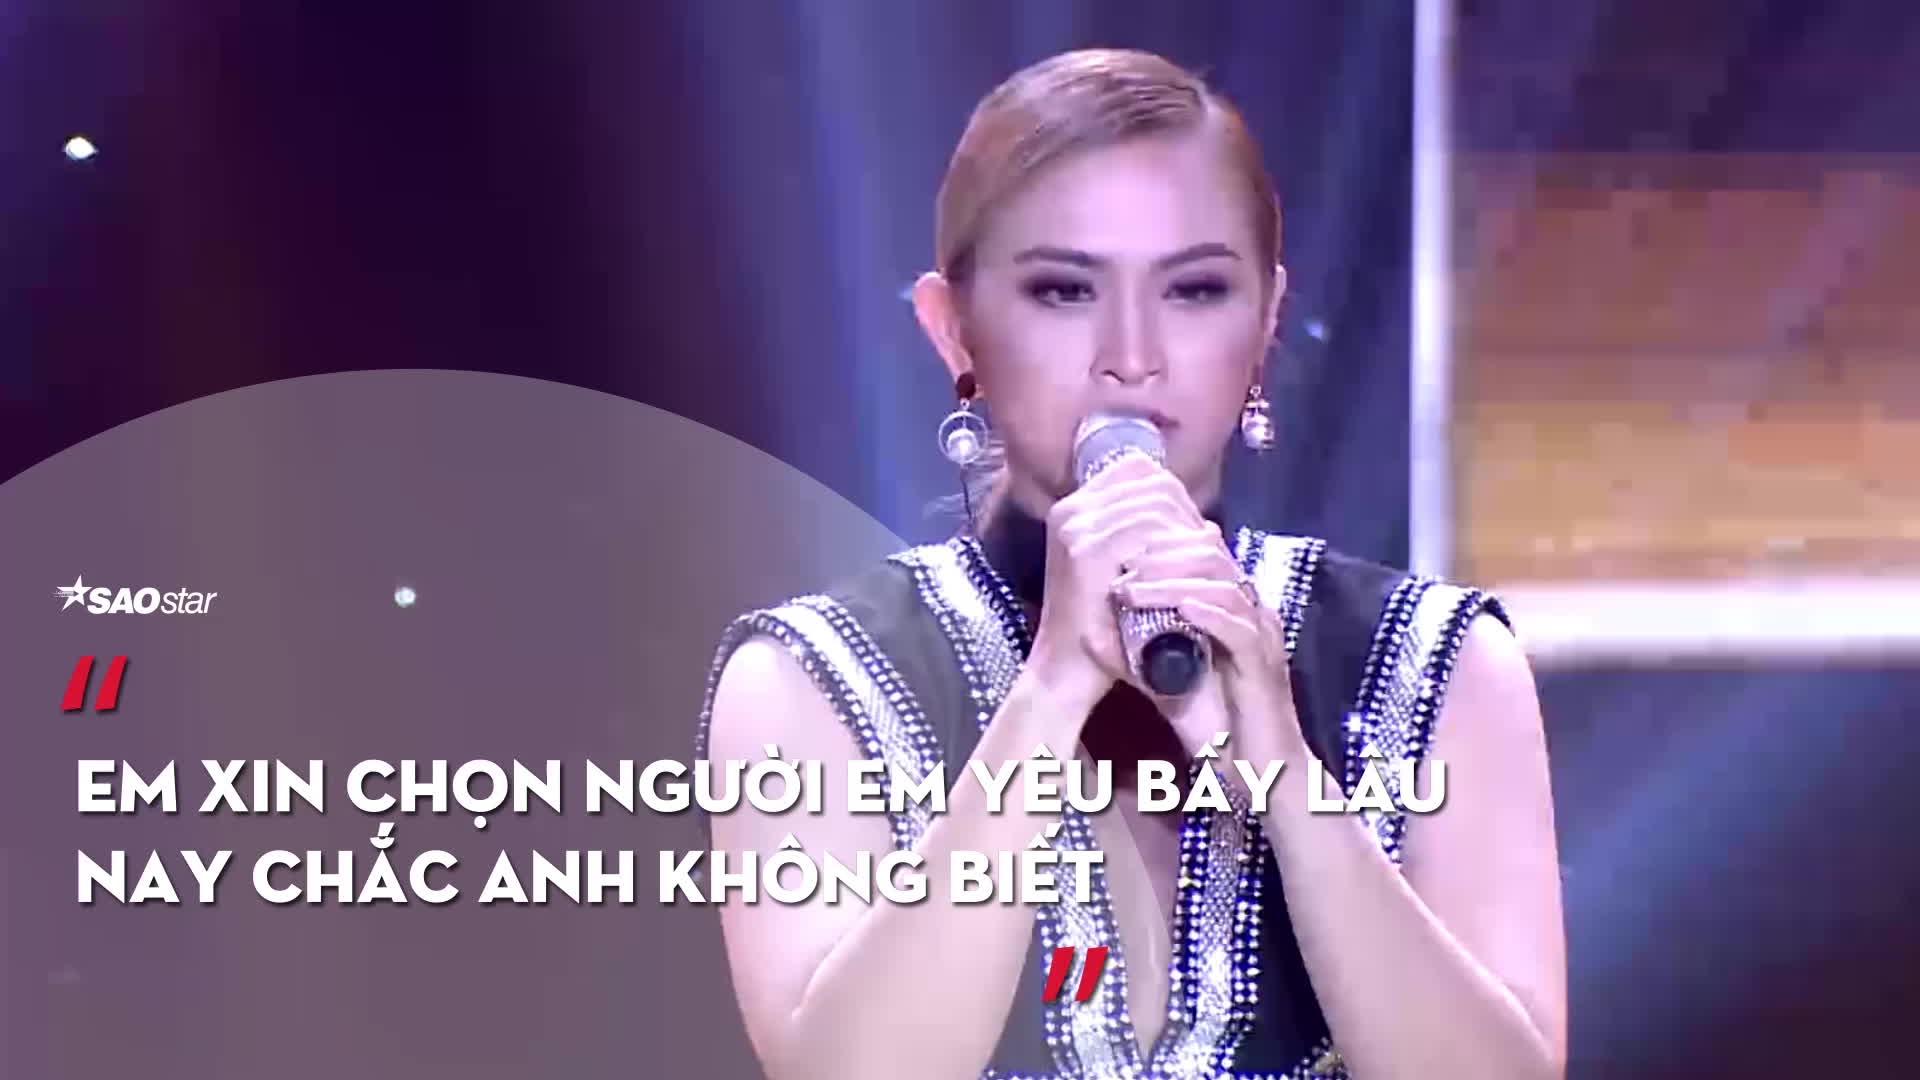 Thần tượng Bolero 2017: Thí sinh thổ lộ tình cảm ngay sân khấu khiến HLV Đàm Vĩnh Hưng ngại ngùng